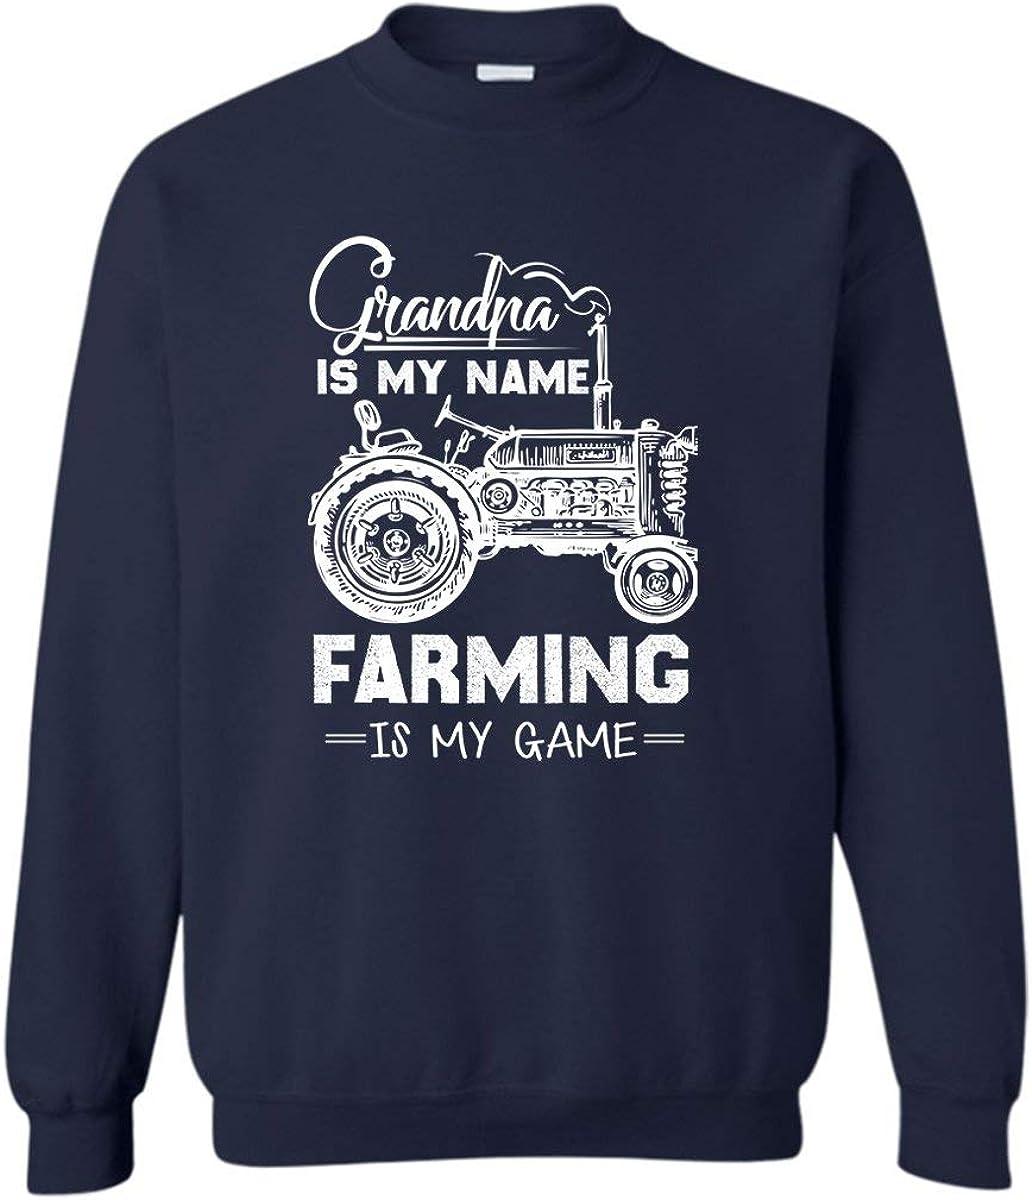 BigCrab Grandpa is My Name Farming Unisex Sweatshirts Long Sleeve Tshirt